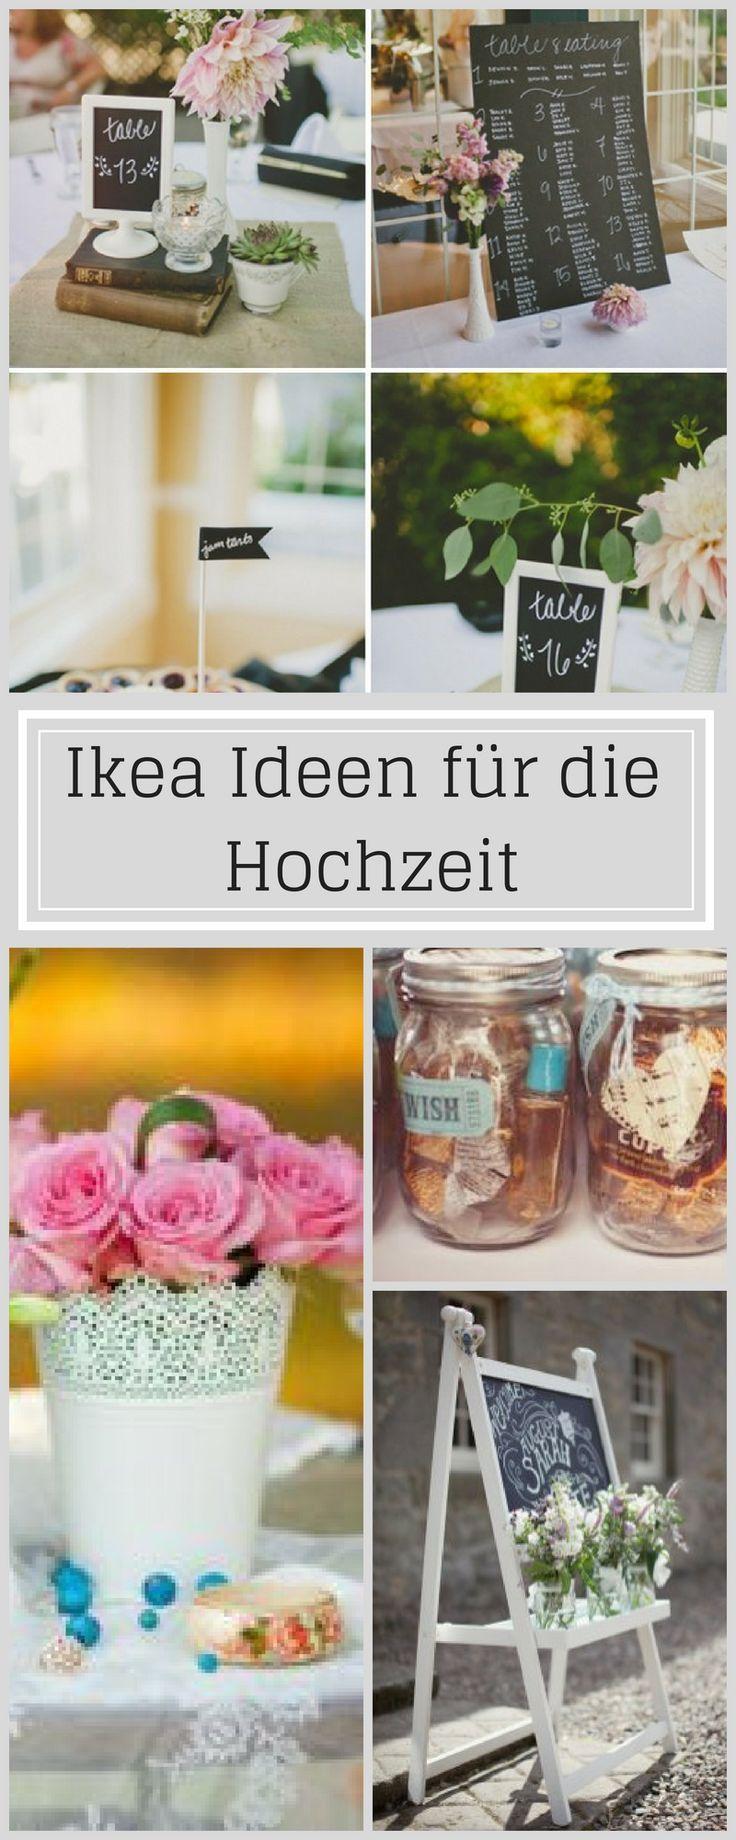 DIY Ideen & Inspirationen für die Hochzeit von Ikea | ViennaFashionWaltz